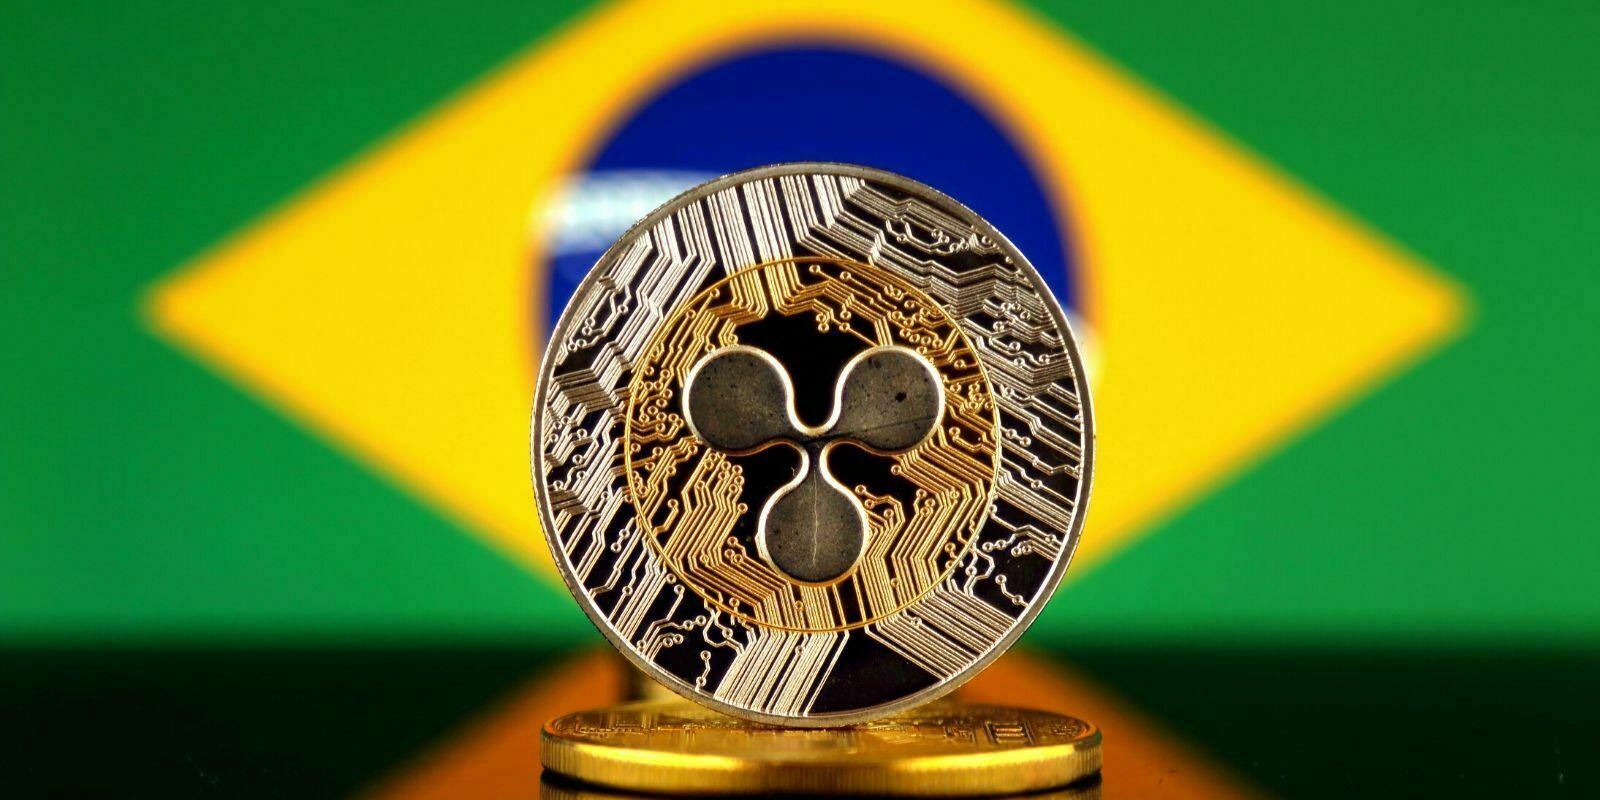 Ripple vise une expansion plus large du XRP au Brésil en 2020